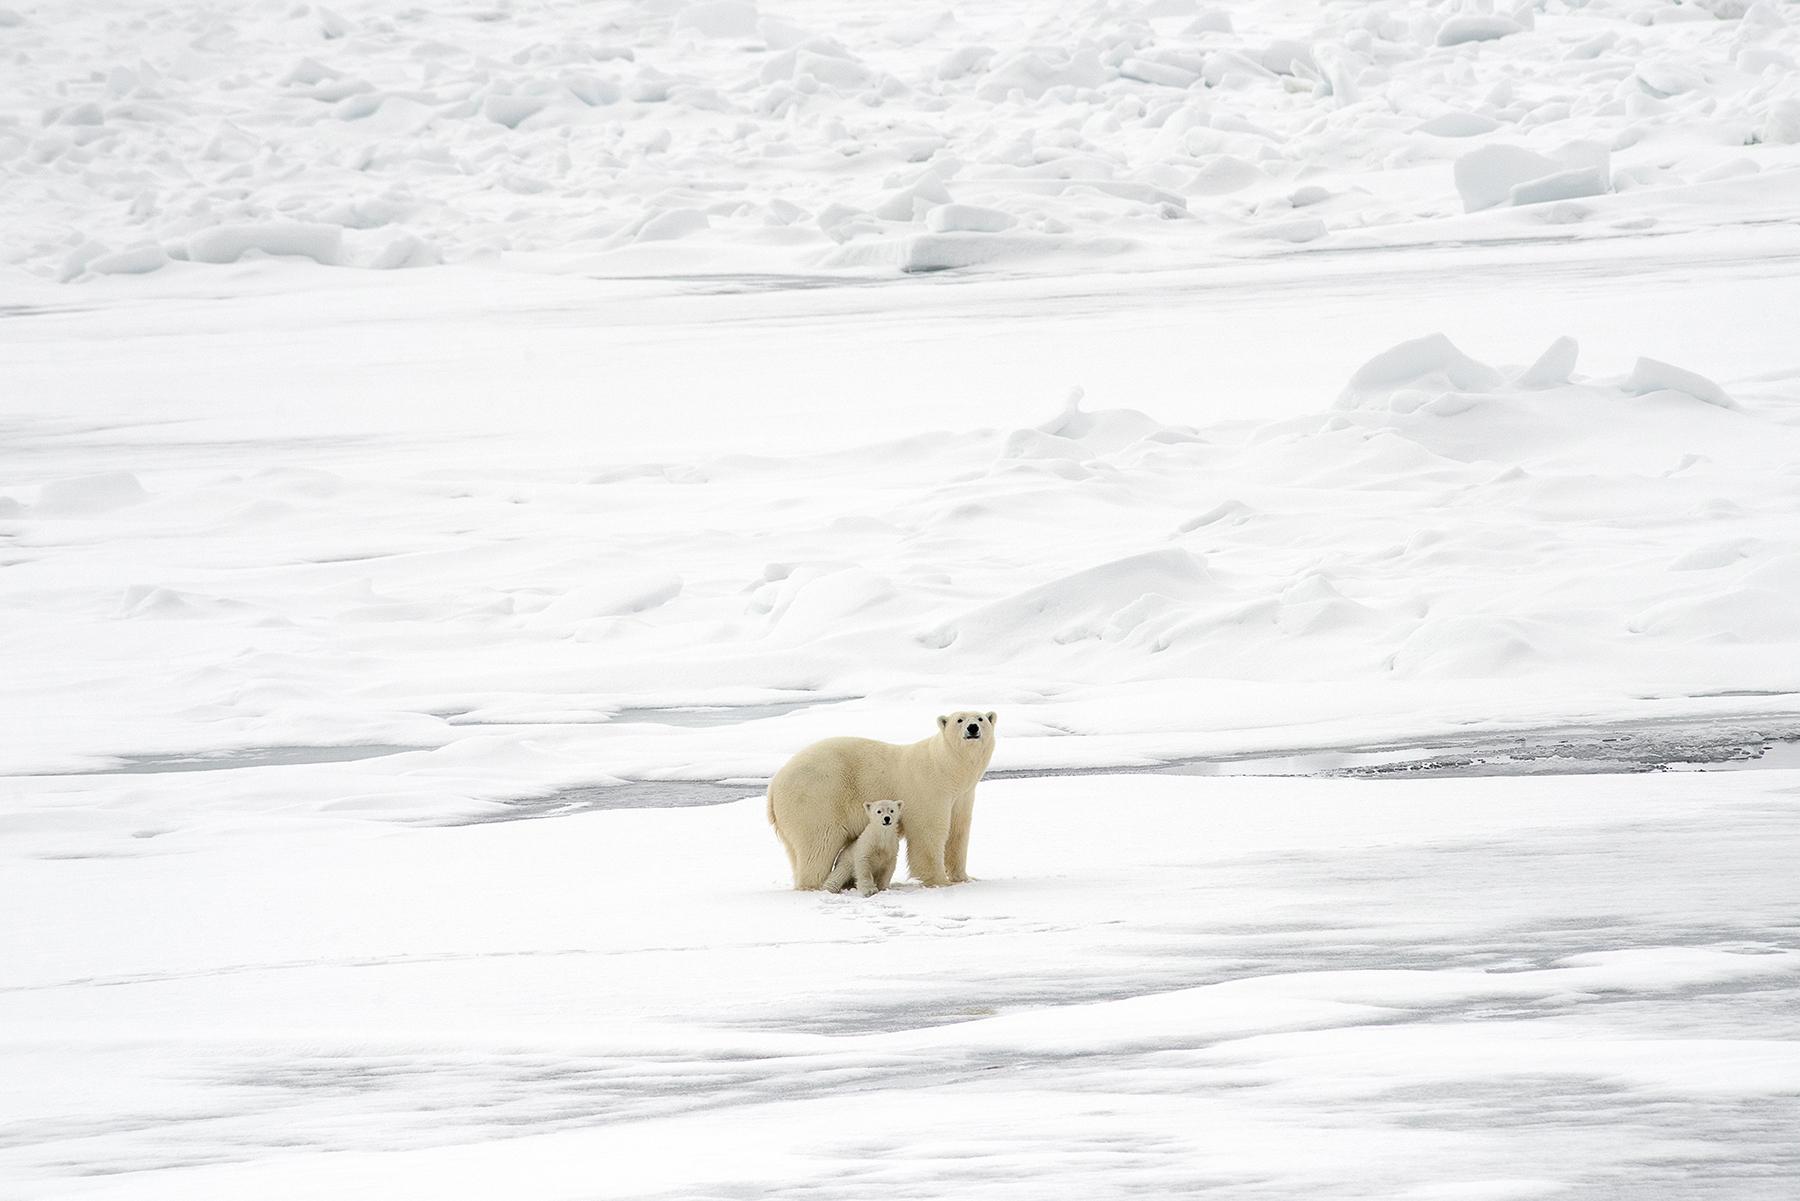 Ellen_Jacob_Arctic Fading_Polar Bears_3.jpg